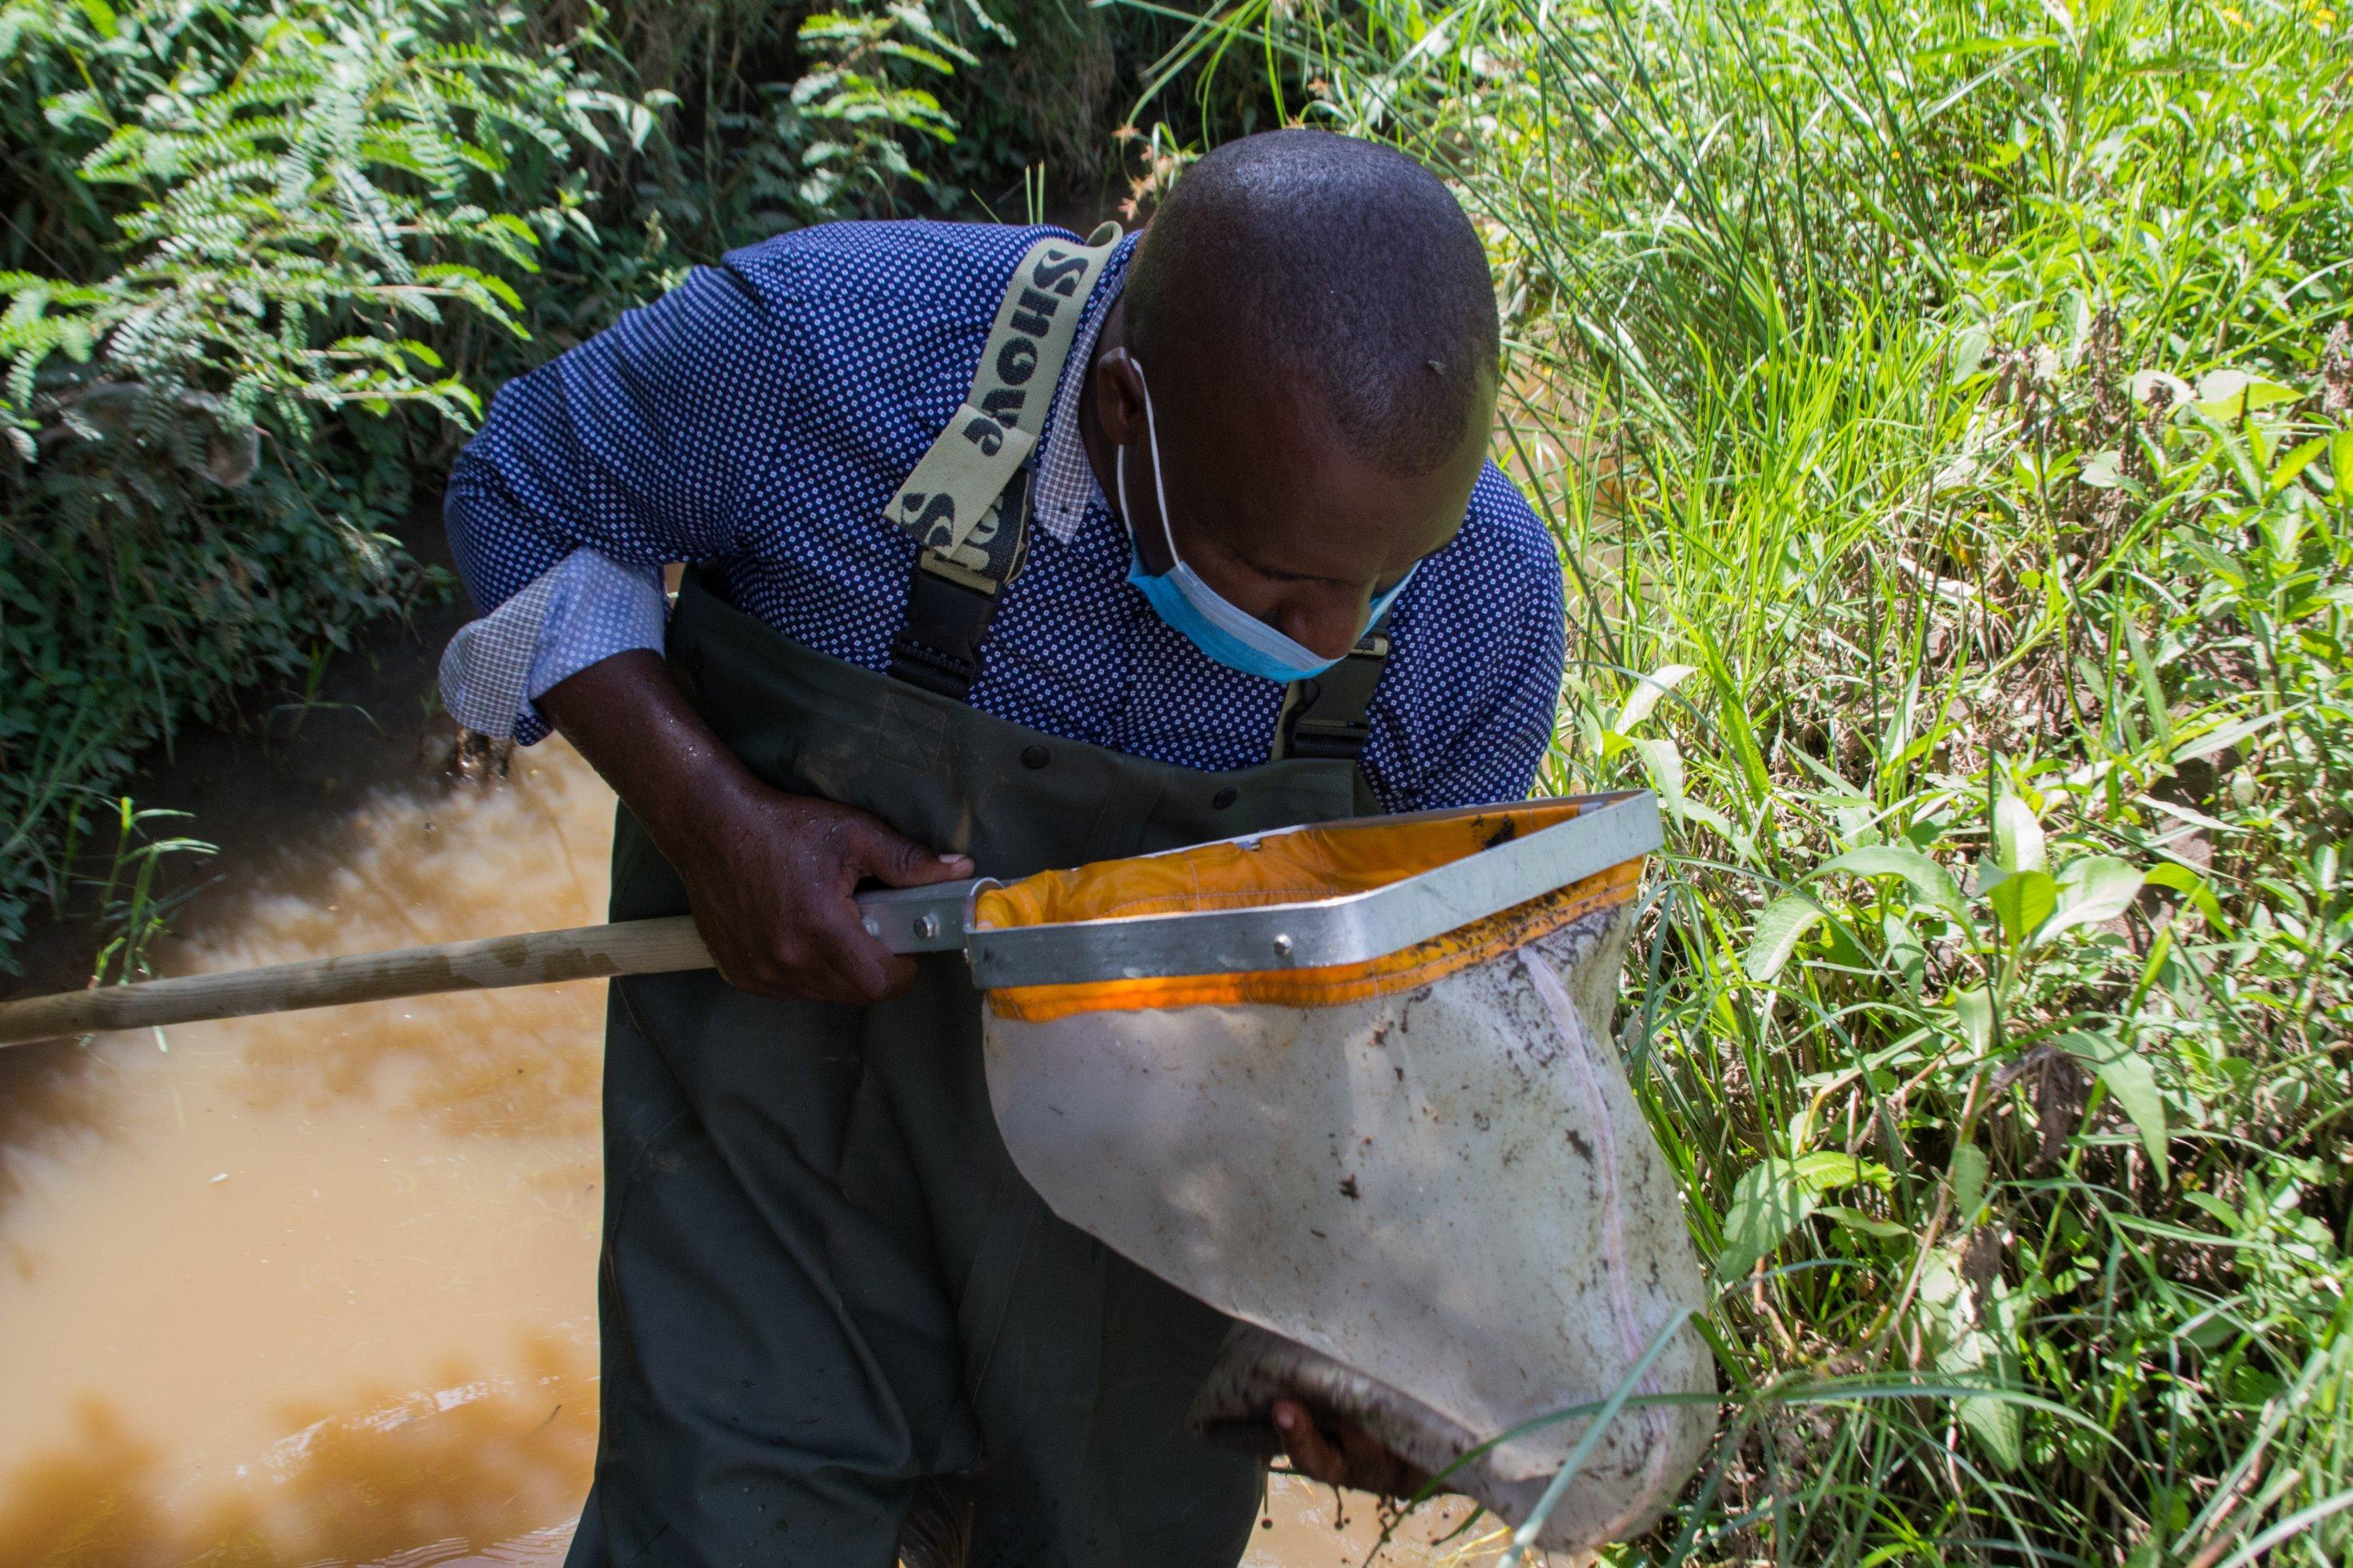 Paul Ronoh steht in einer Anglerhose im Fluss, er hat einen Köcher dabei. In den guckt er und nimmt in Augenschein, was für Lebewesen er gefangen hat.